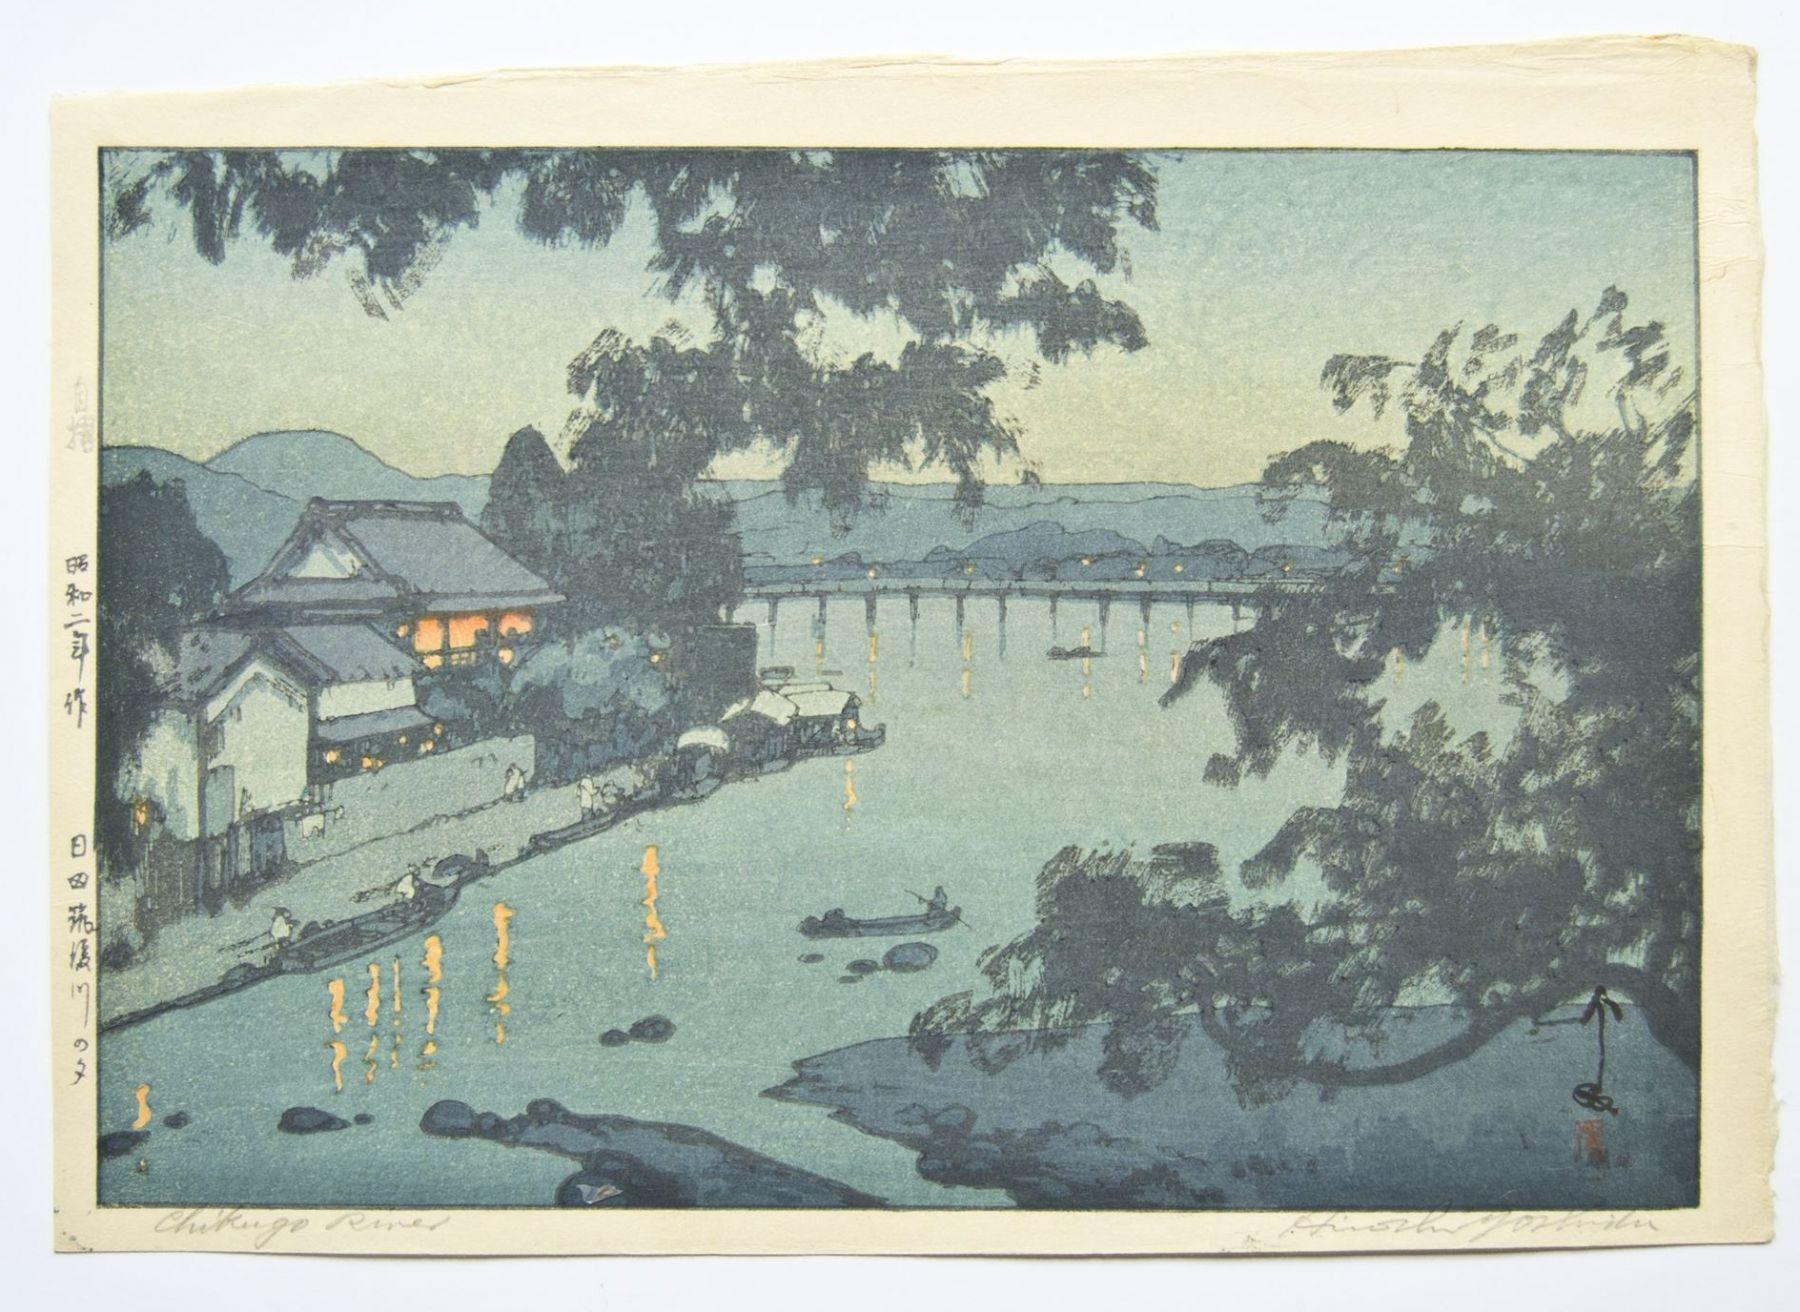 Yoshida Hiroshi (1876-1950), Evening on the Chikugo River in Hida